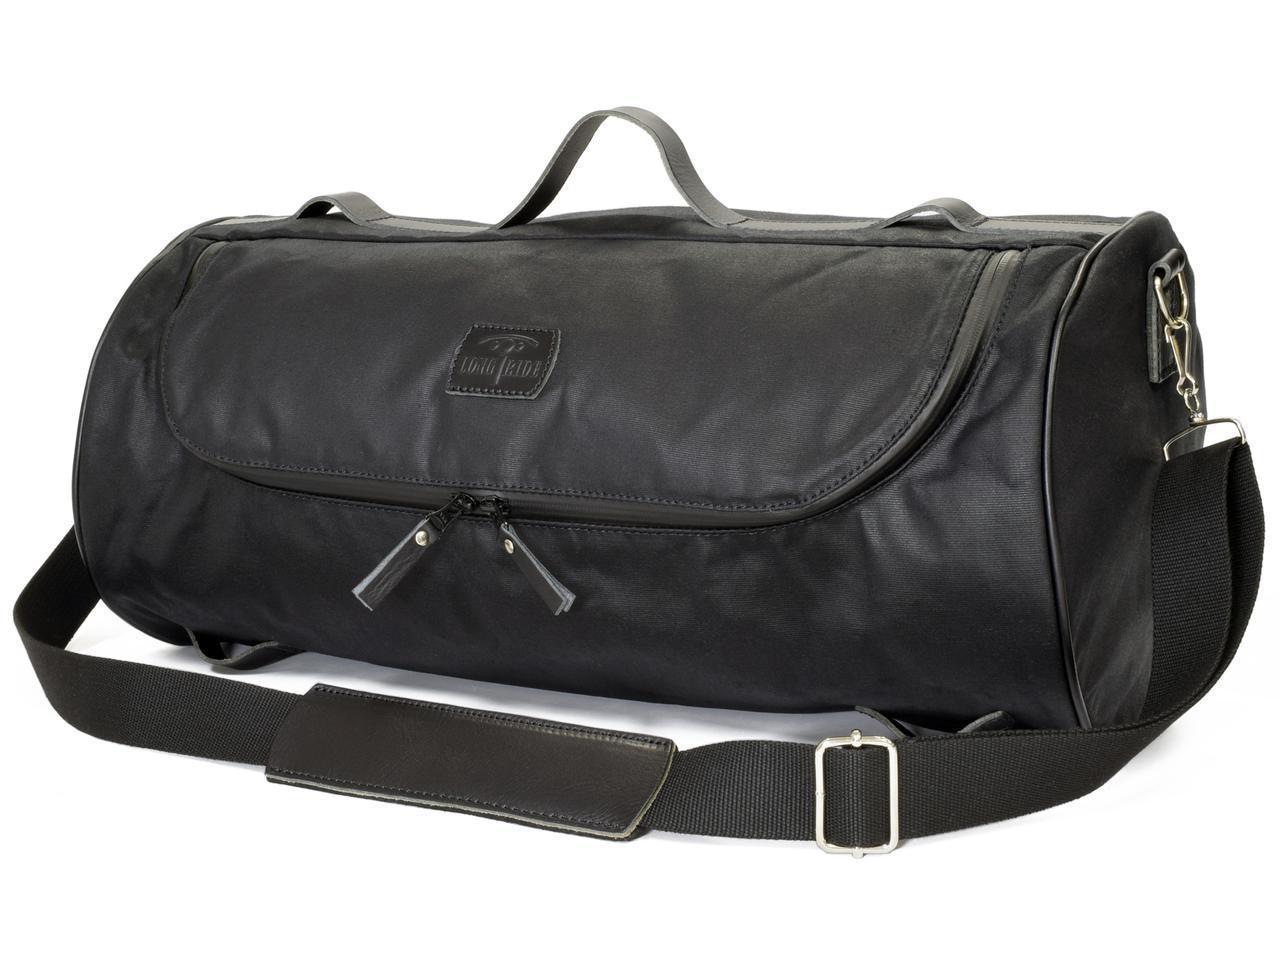 画像4: ベルギー発、こだわりが詰まったおしゃれバッグ|「ロングライド」のダッフルバッグは旅するバイクによく似合う!